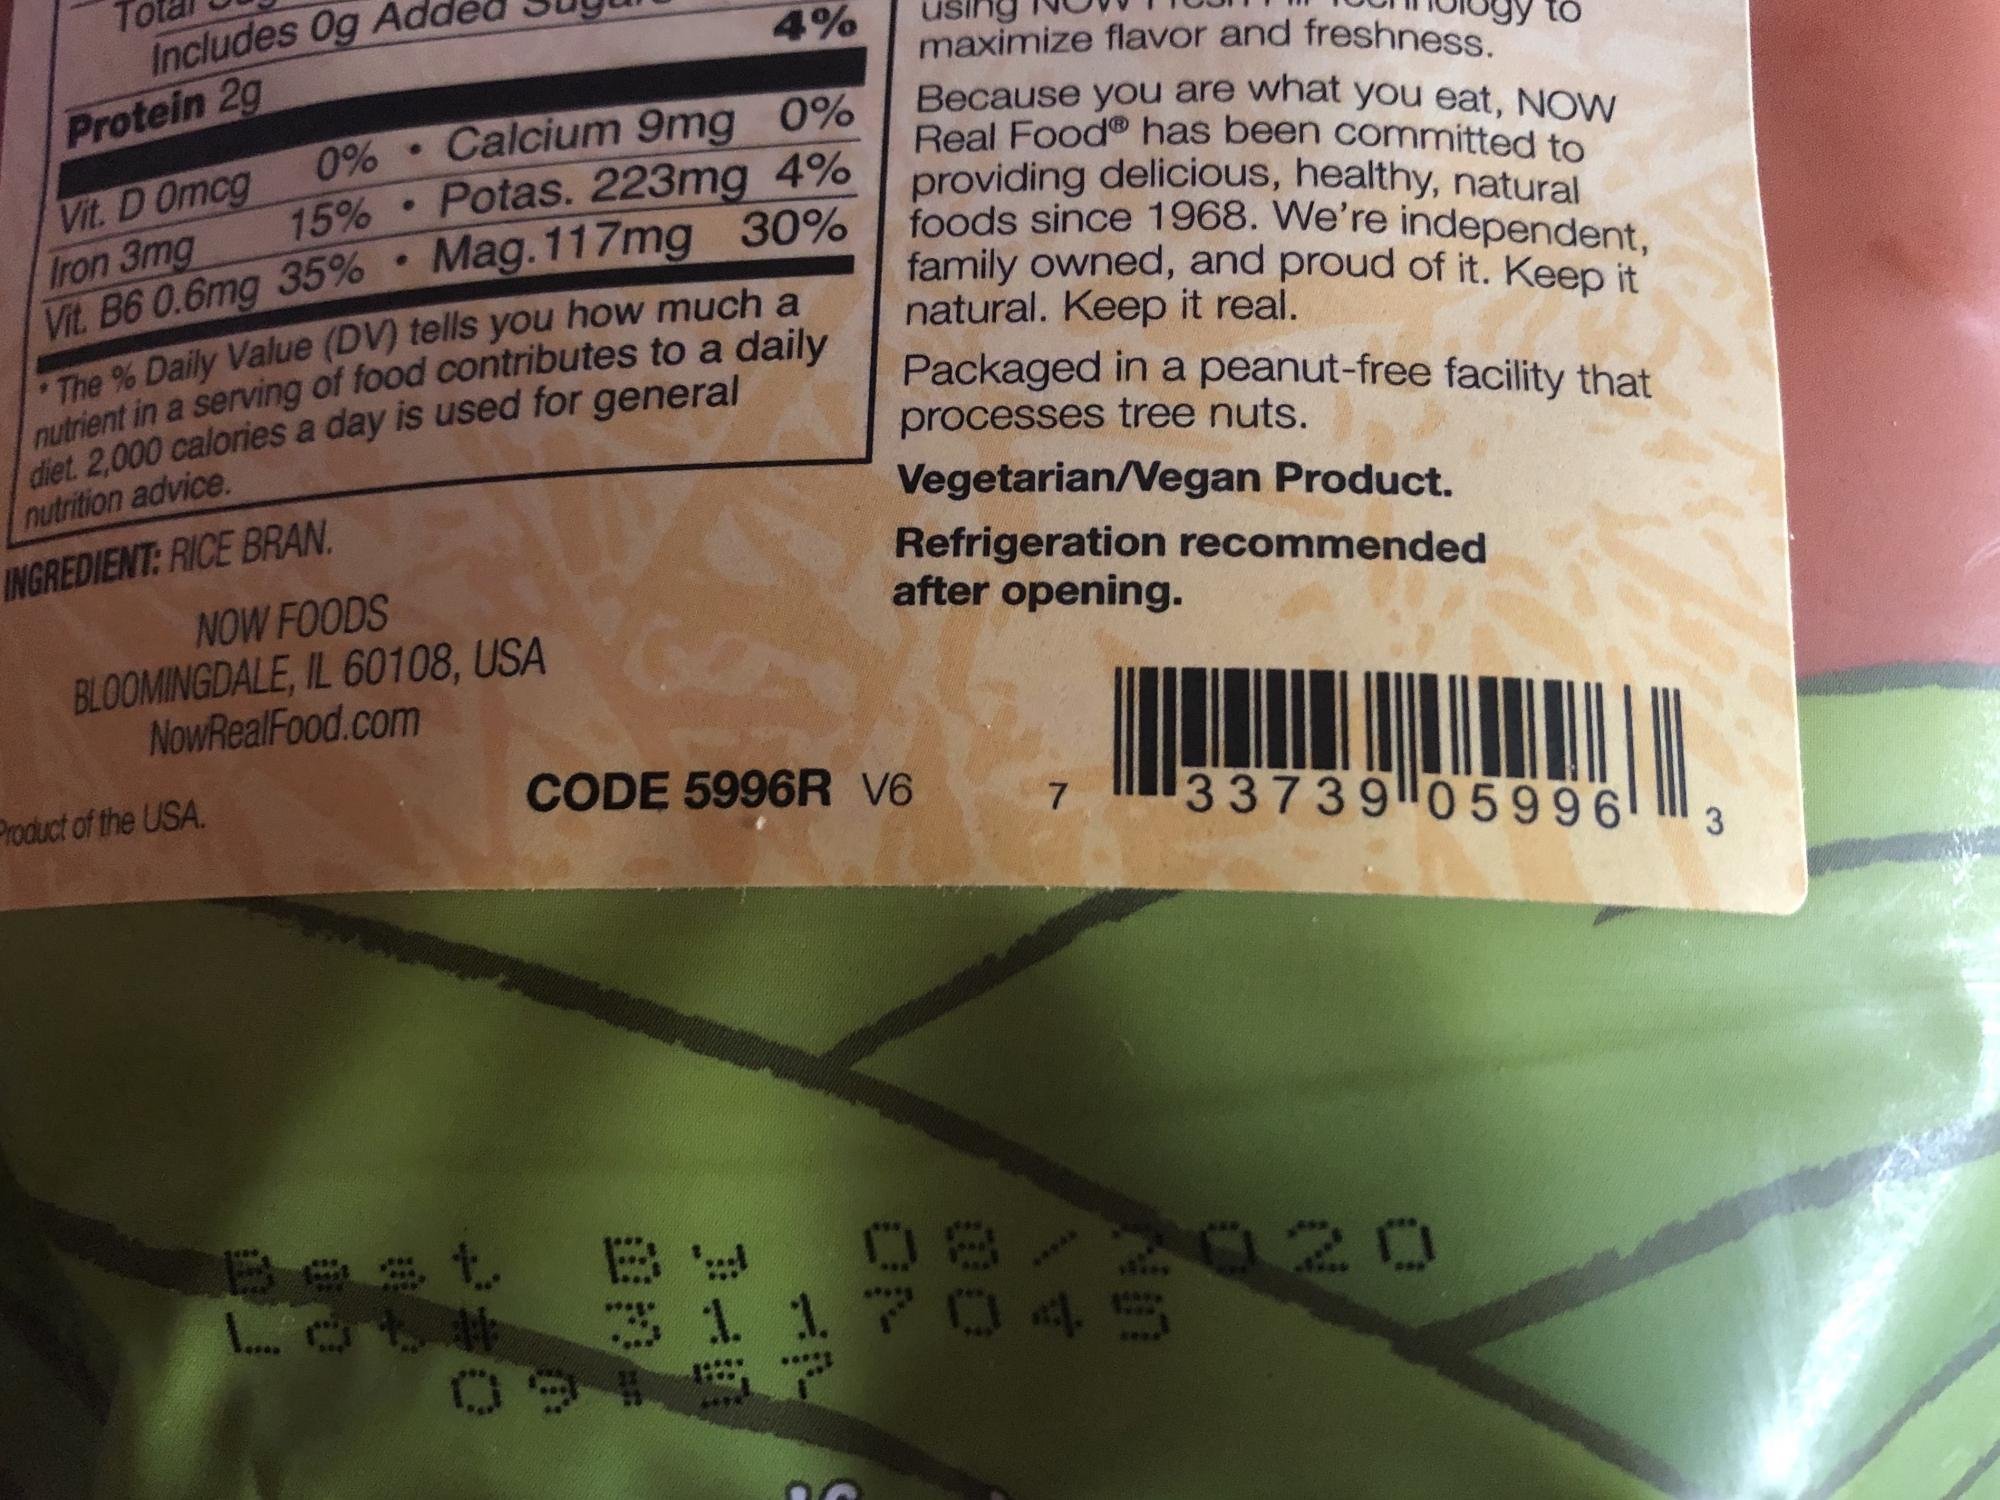 Real food Rice bran клетчатка в Щелково купить 3